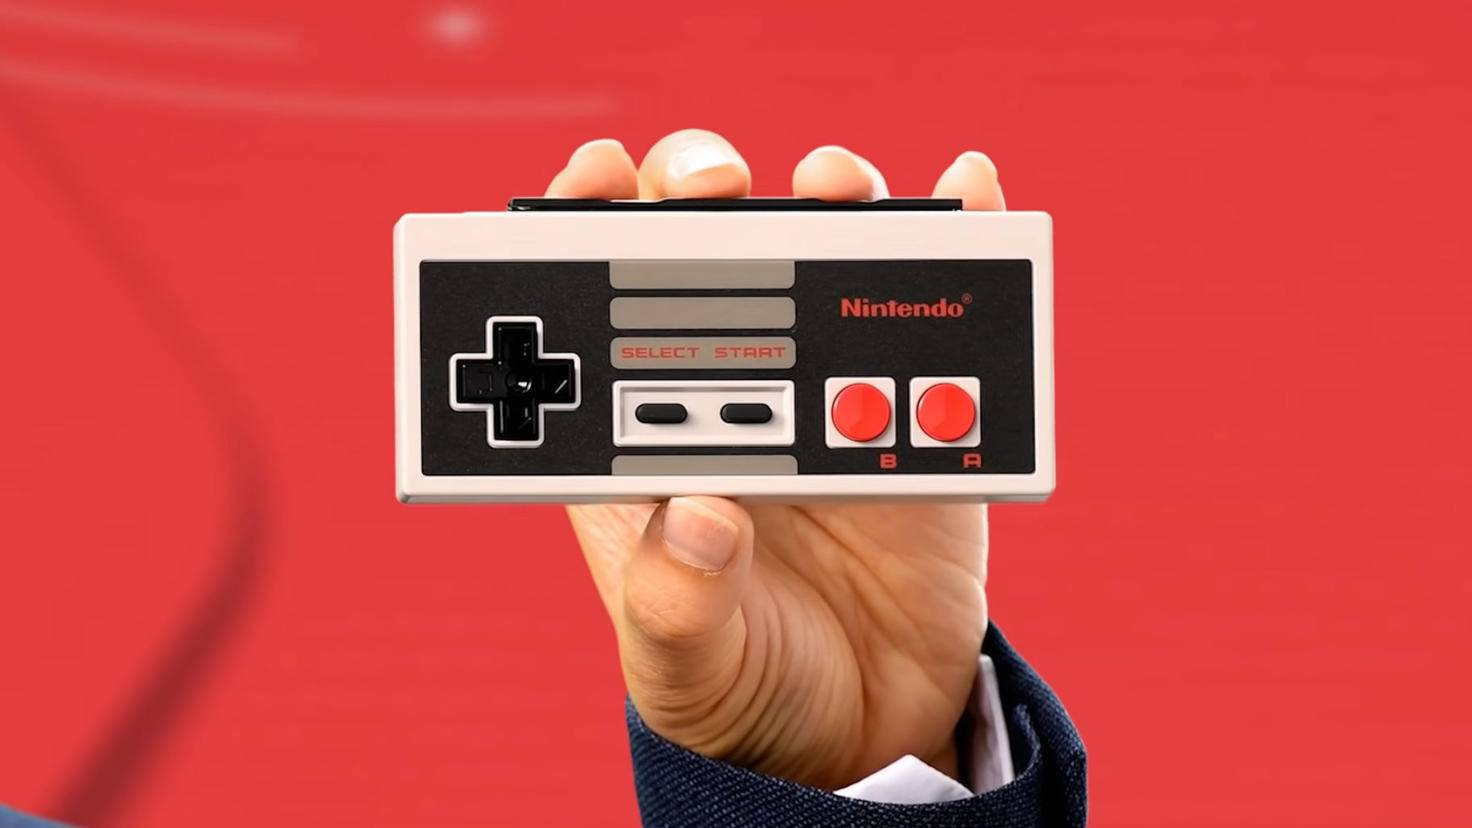 Exklusiv für Abonnenten gibt's den NES-Controller für die Switch.